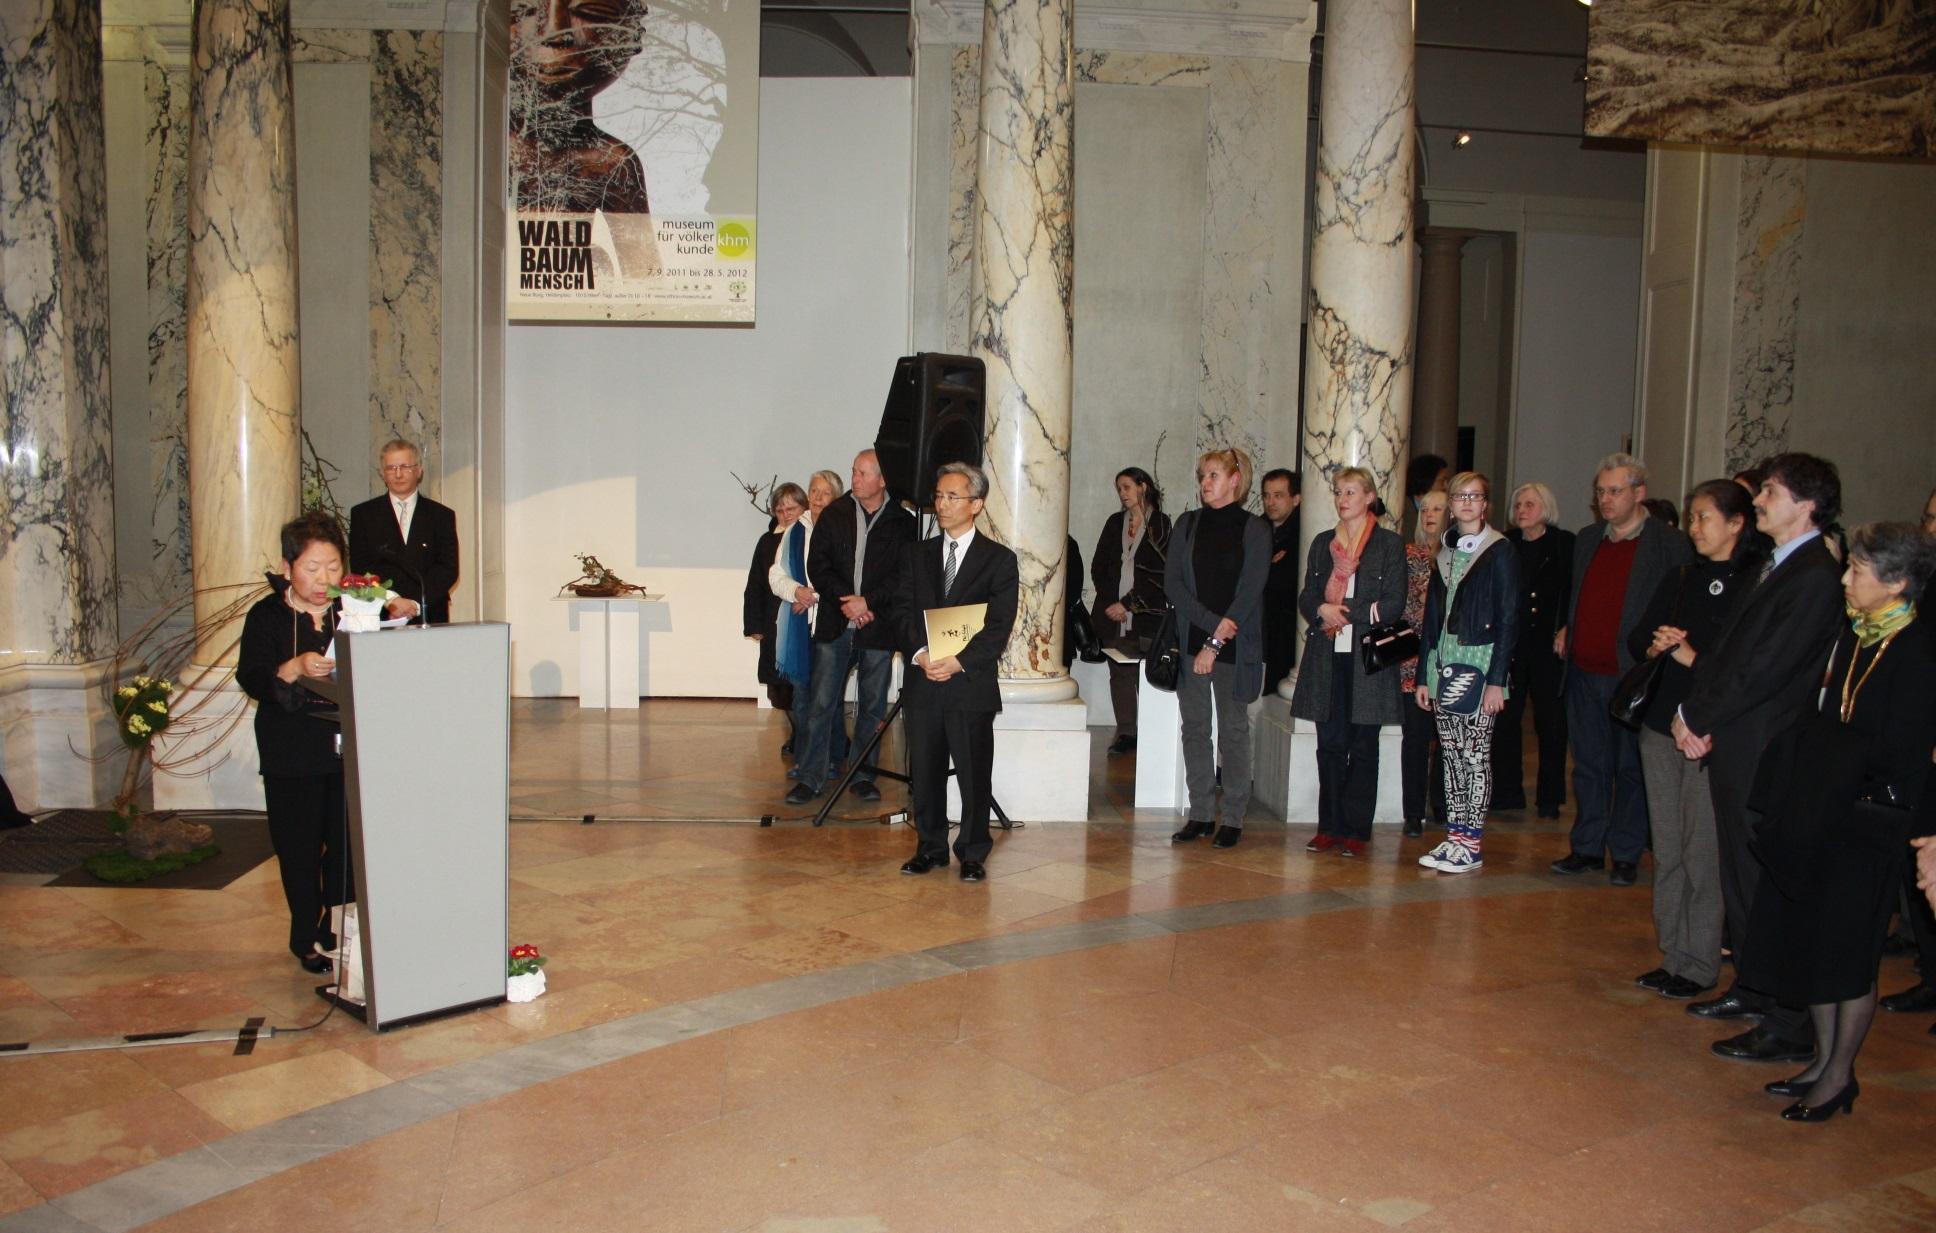 Ikebana-International Vienna Ausstellung Ausstellung Wald Baum Mensch